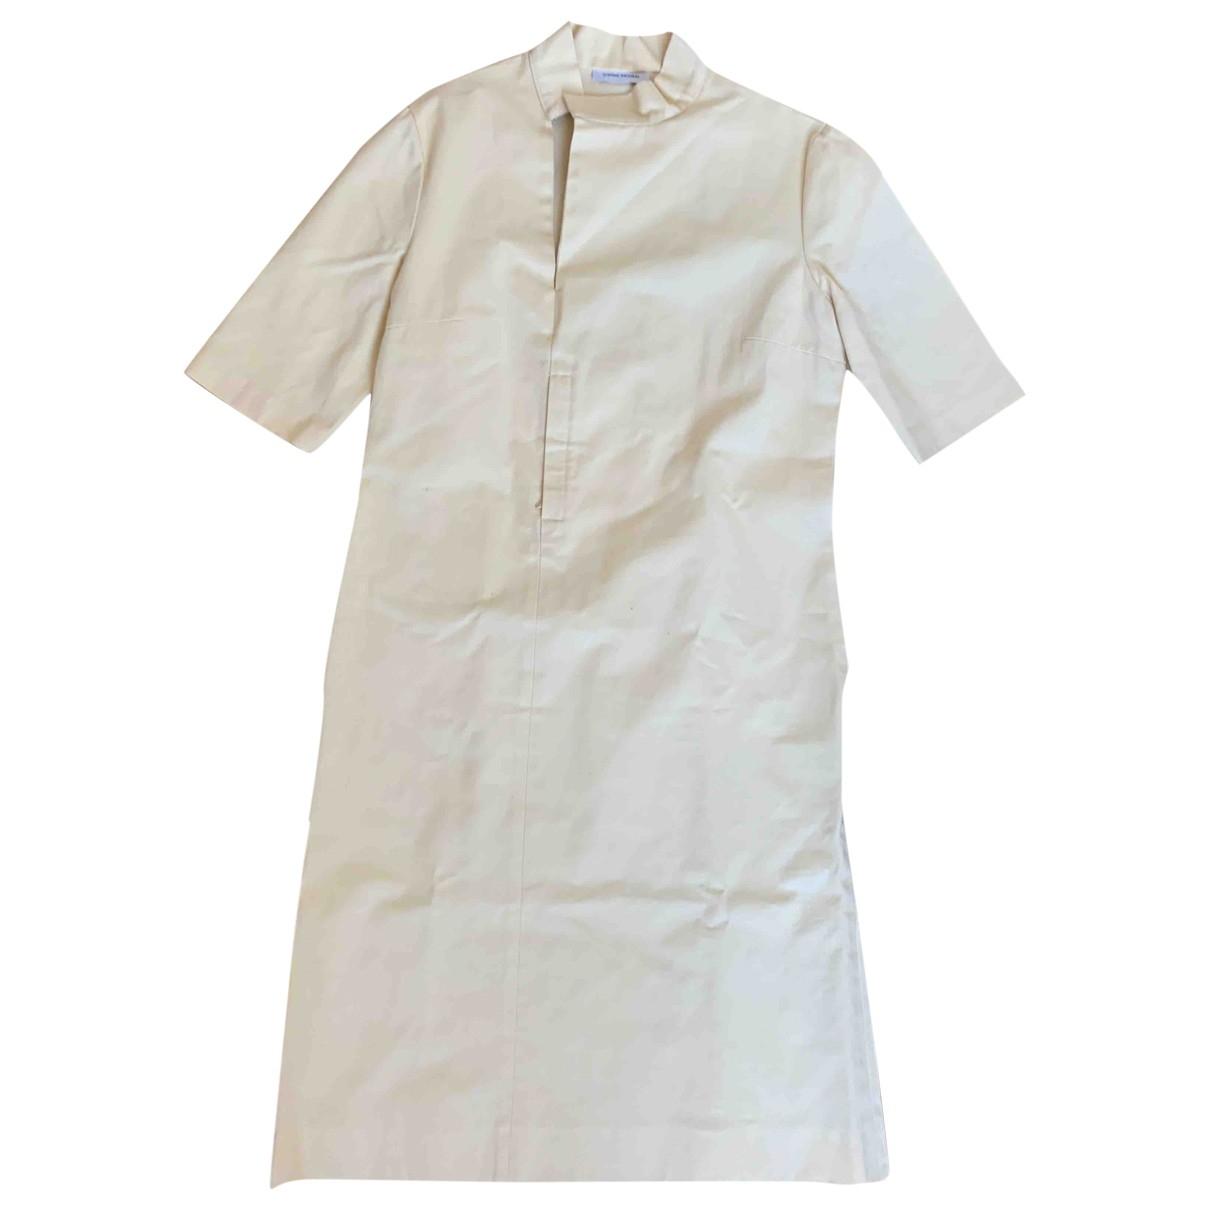 Costume National - Robe   pour femme en coton - jaune